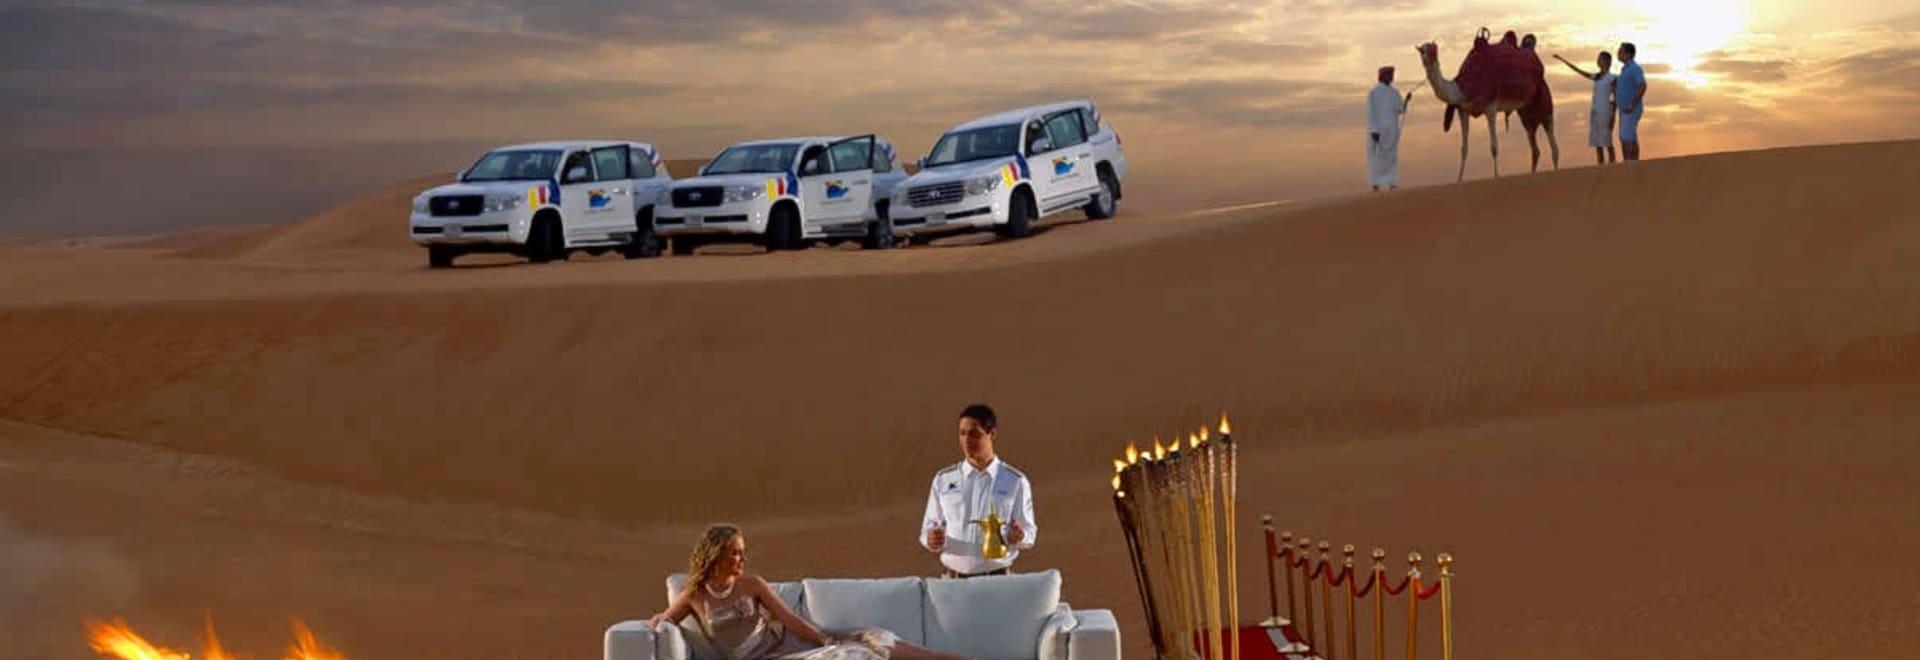 1464189542_desert.jpg